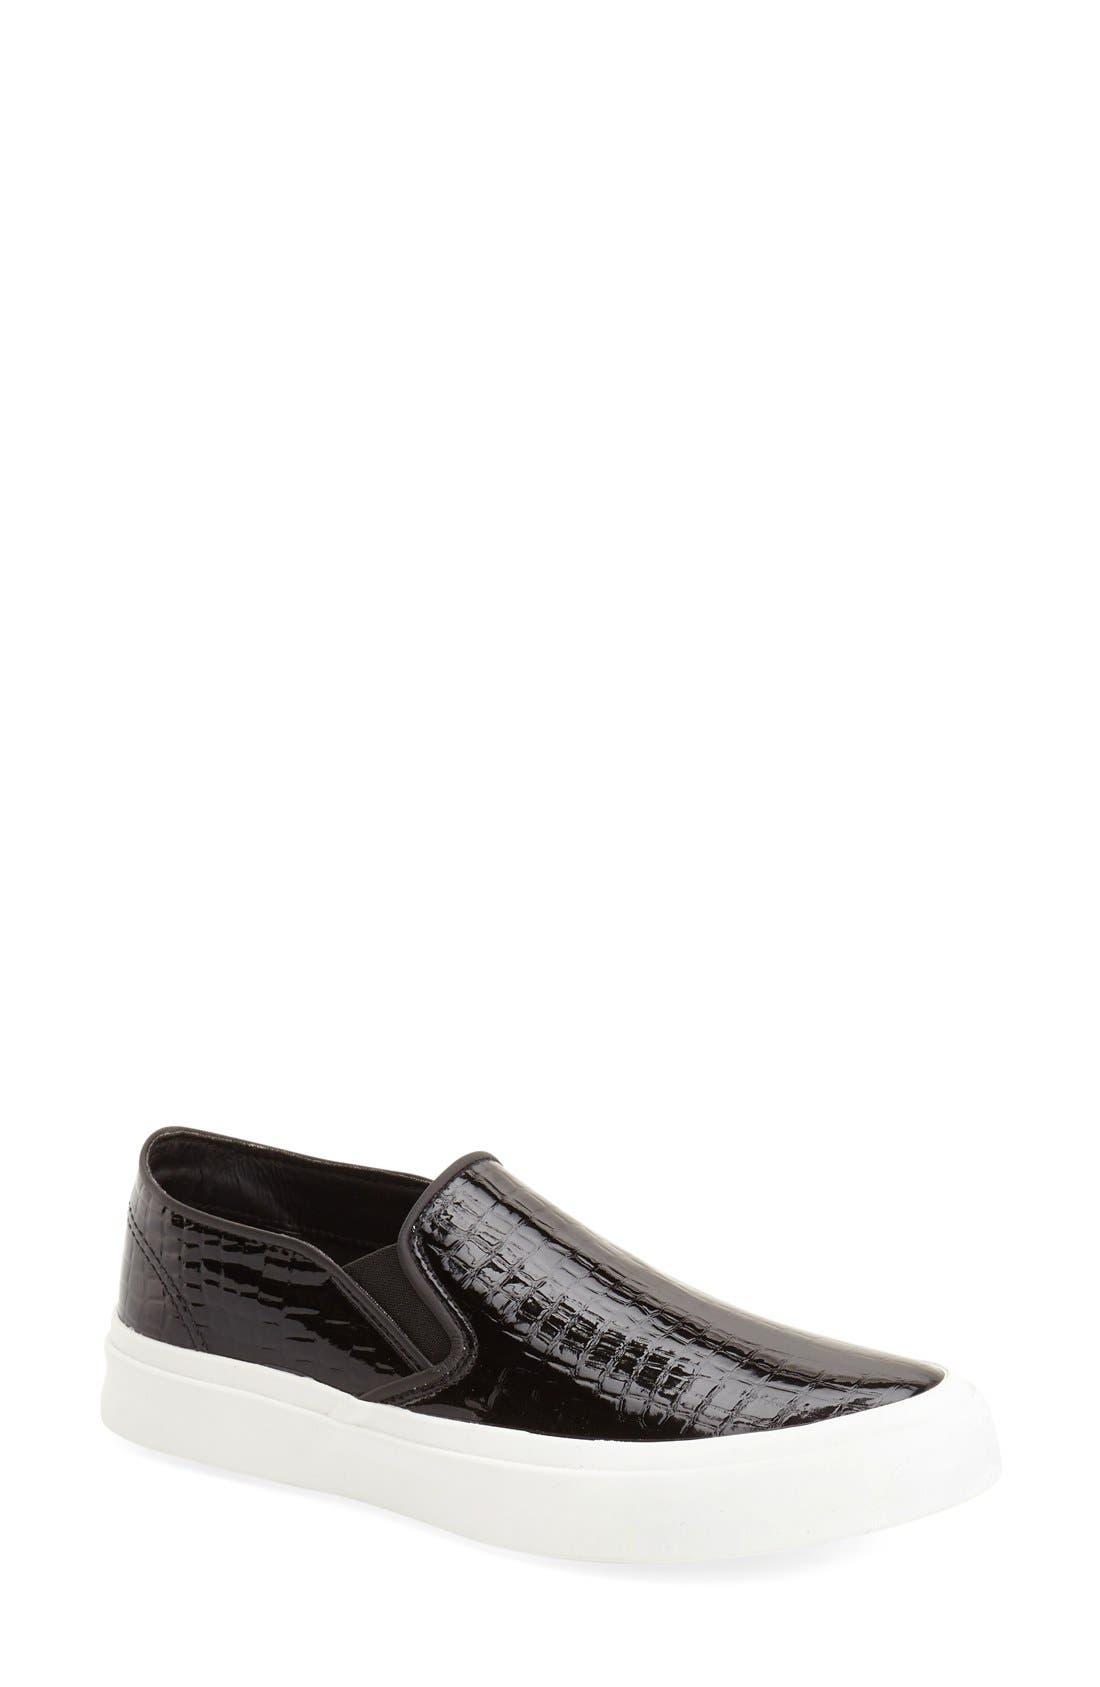 Slip-On Sneaker,                             Main thumbnail 1, color,                             001